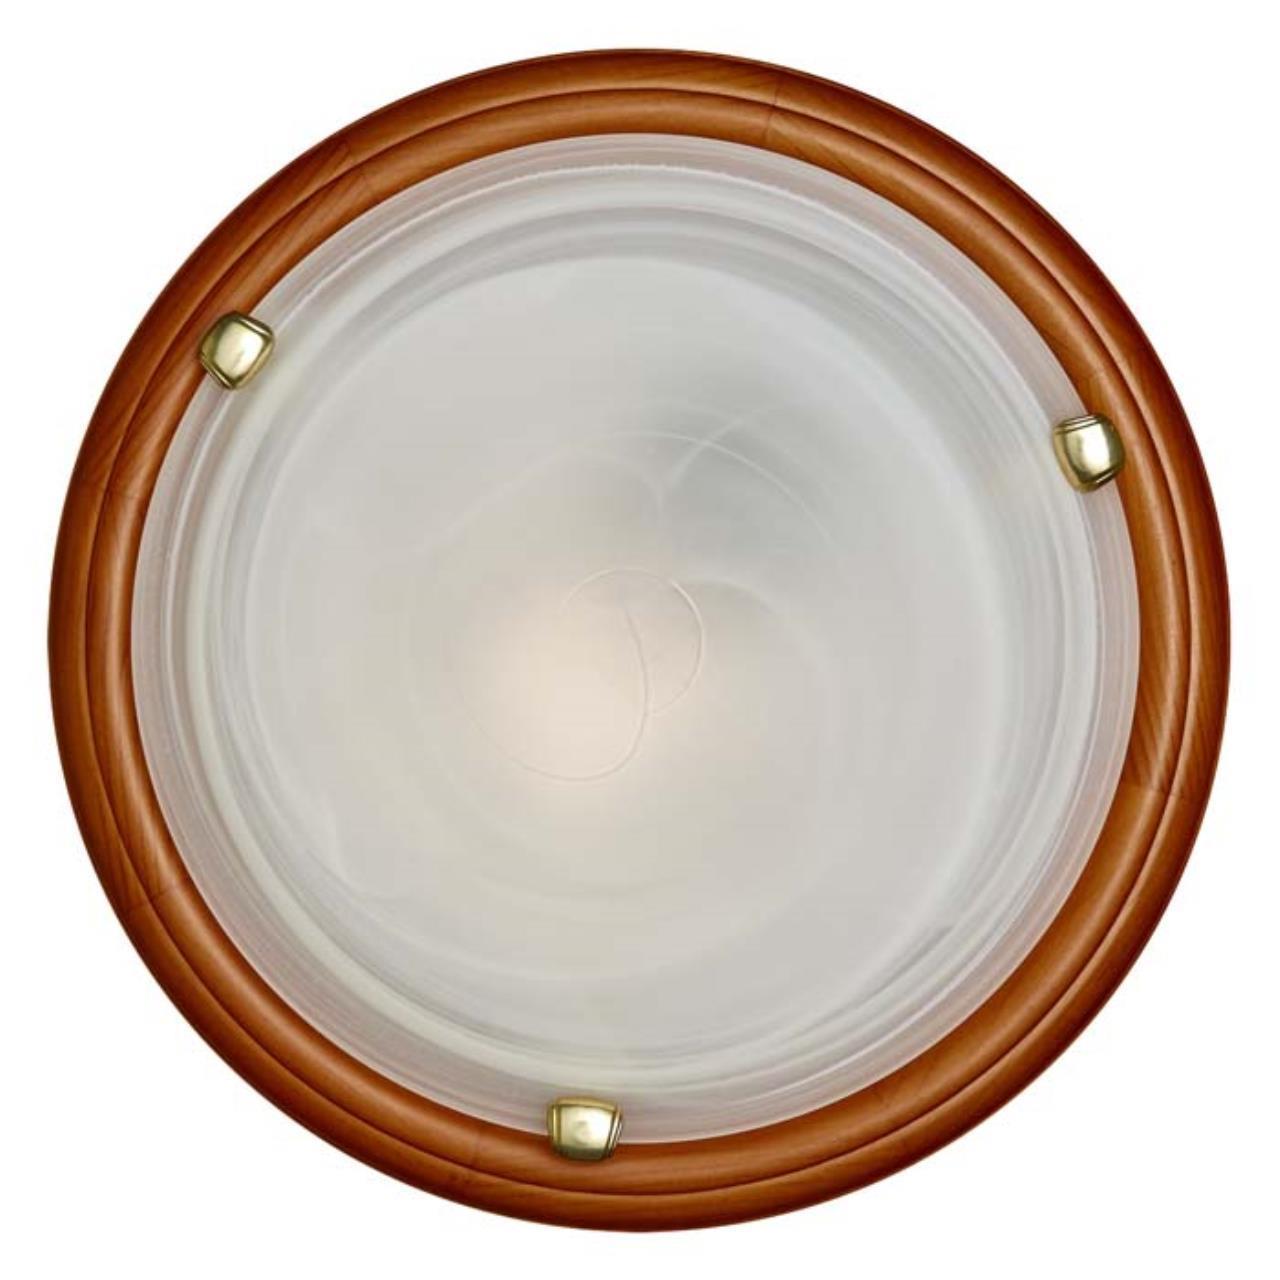 359 SN 107 св-к NAPOLI стекло E27 3*100Вт D560